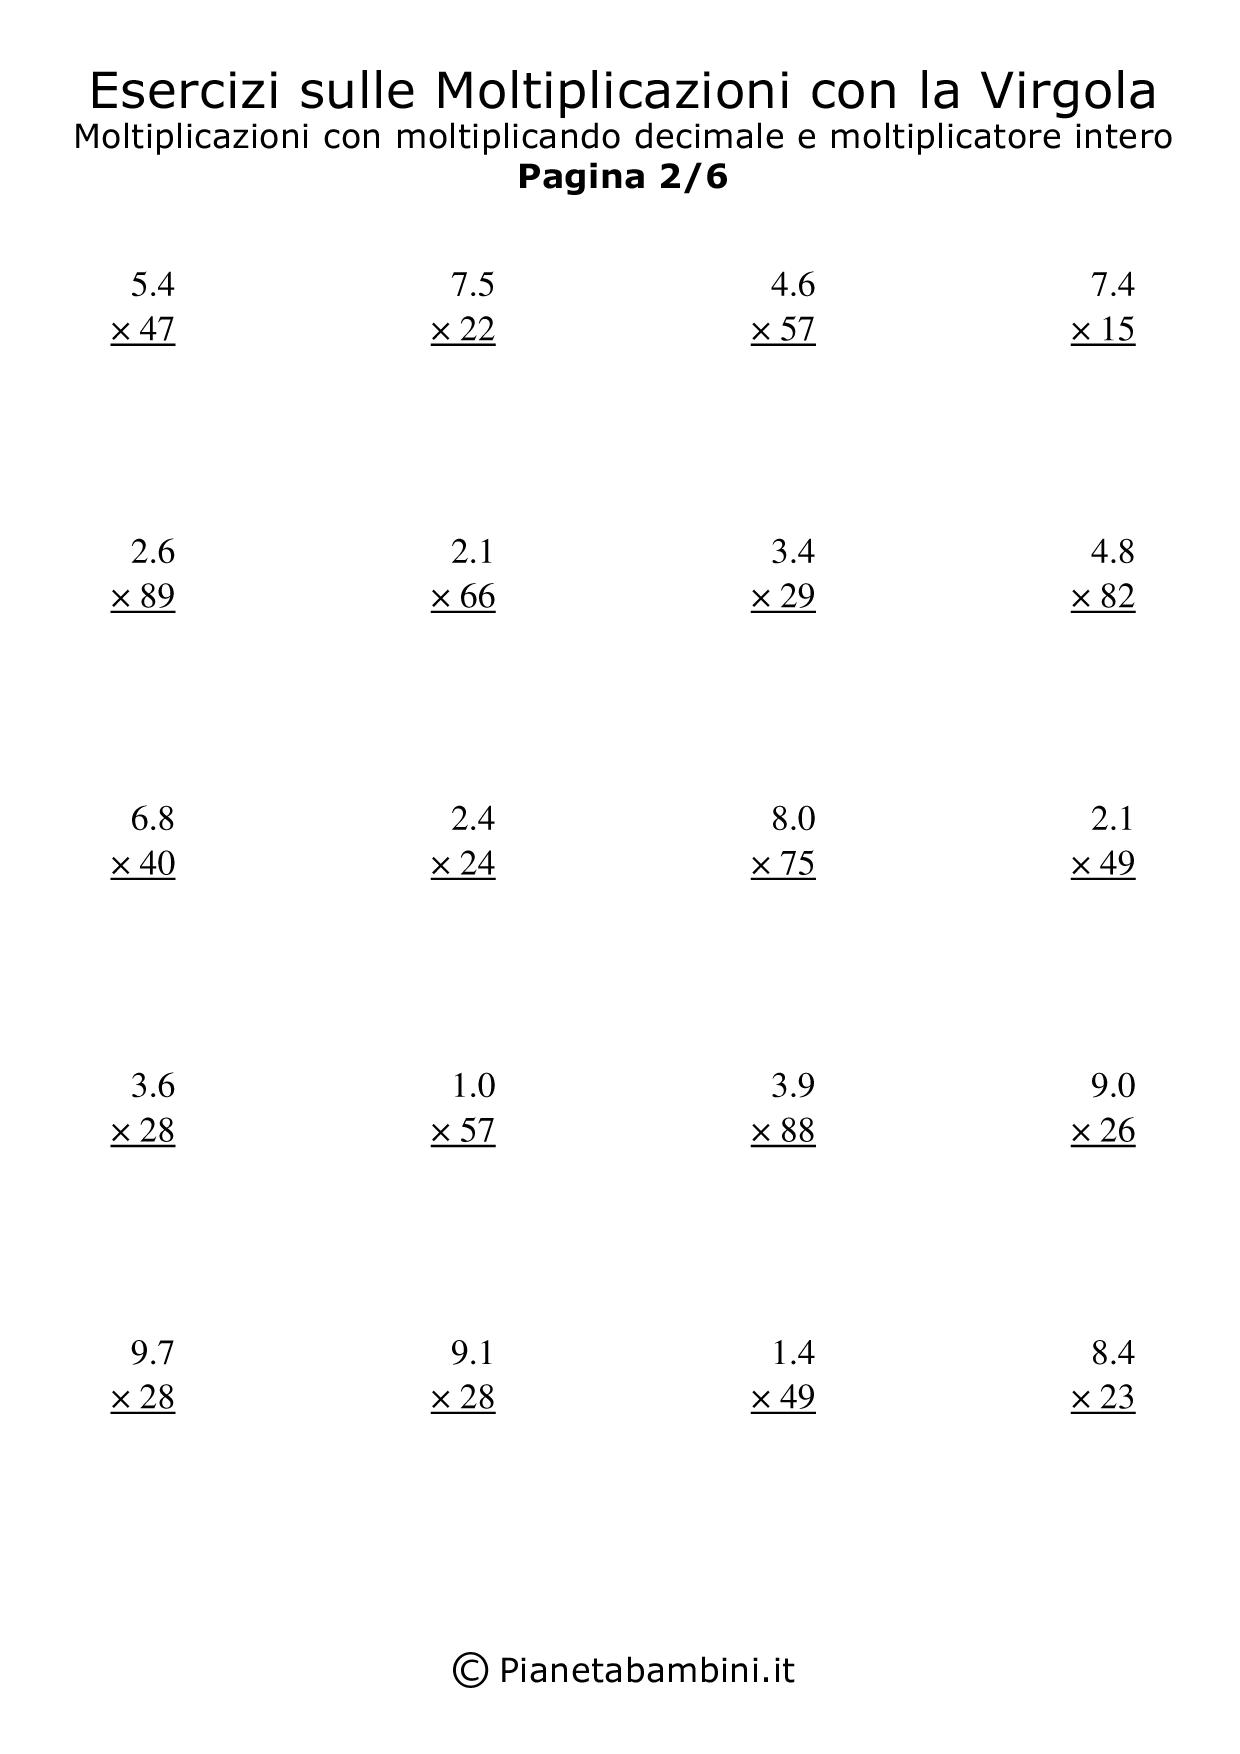 Moltiplicazioni-Virgola-Decimale-X-Intero_2